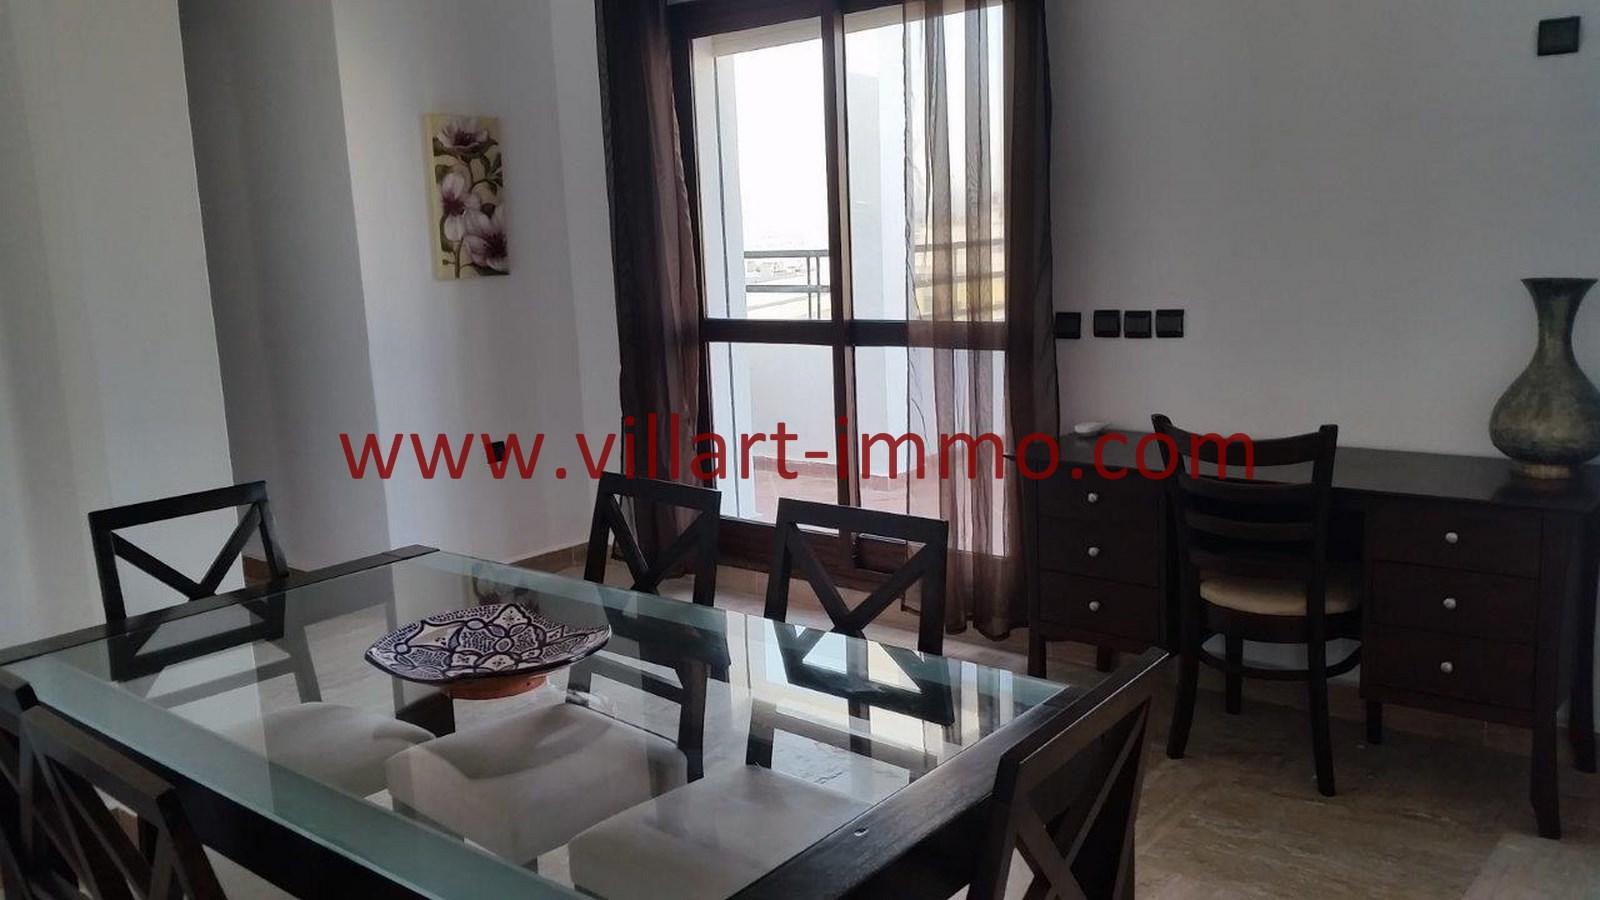 Location appartement meubl avec une grande terrasse au for Appartement meuble location